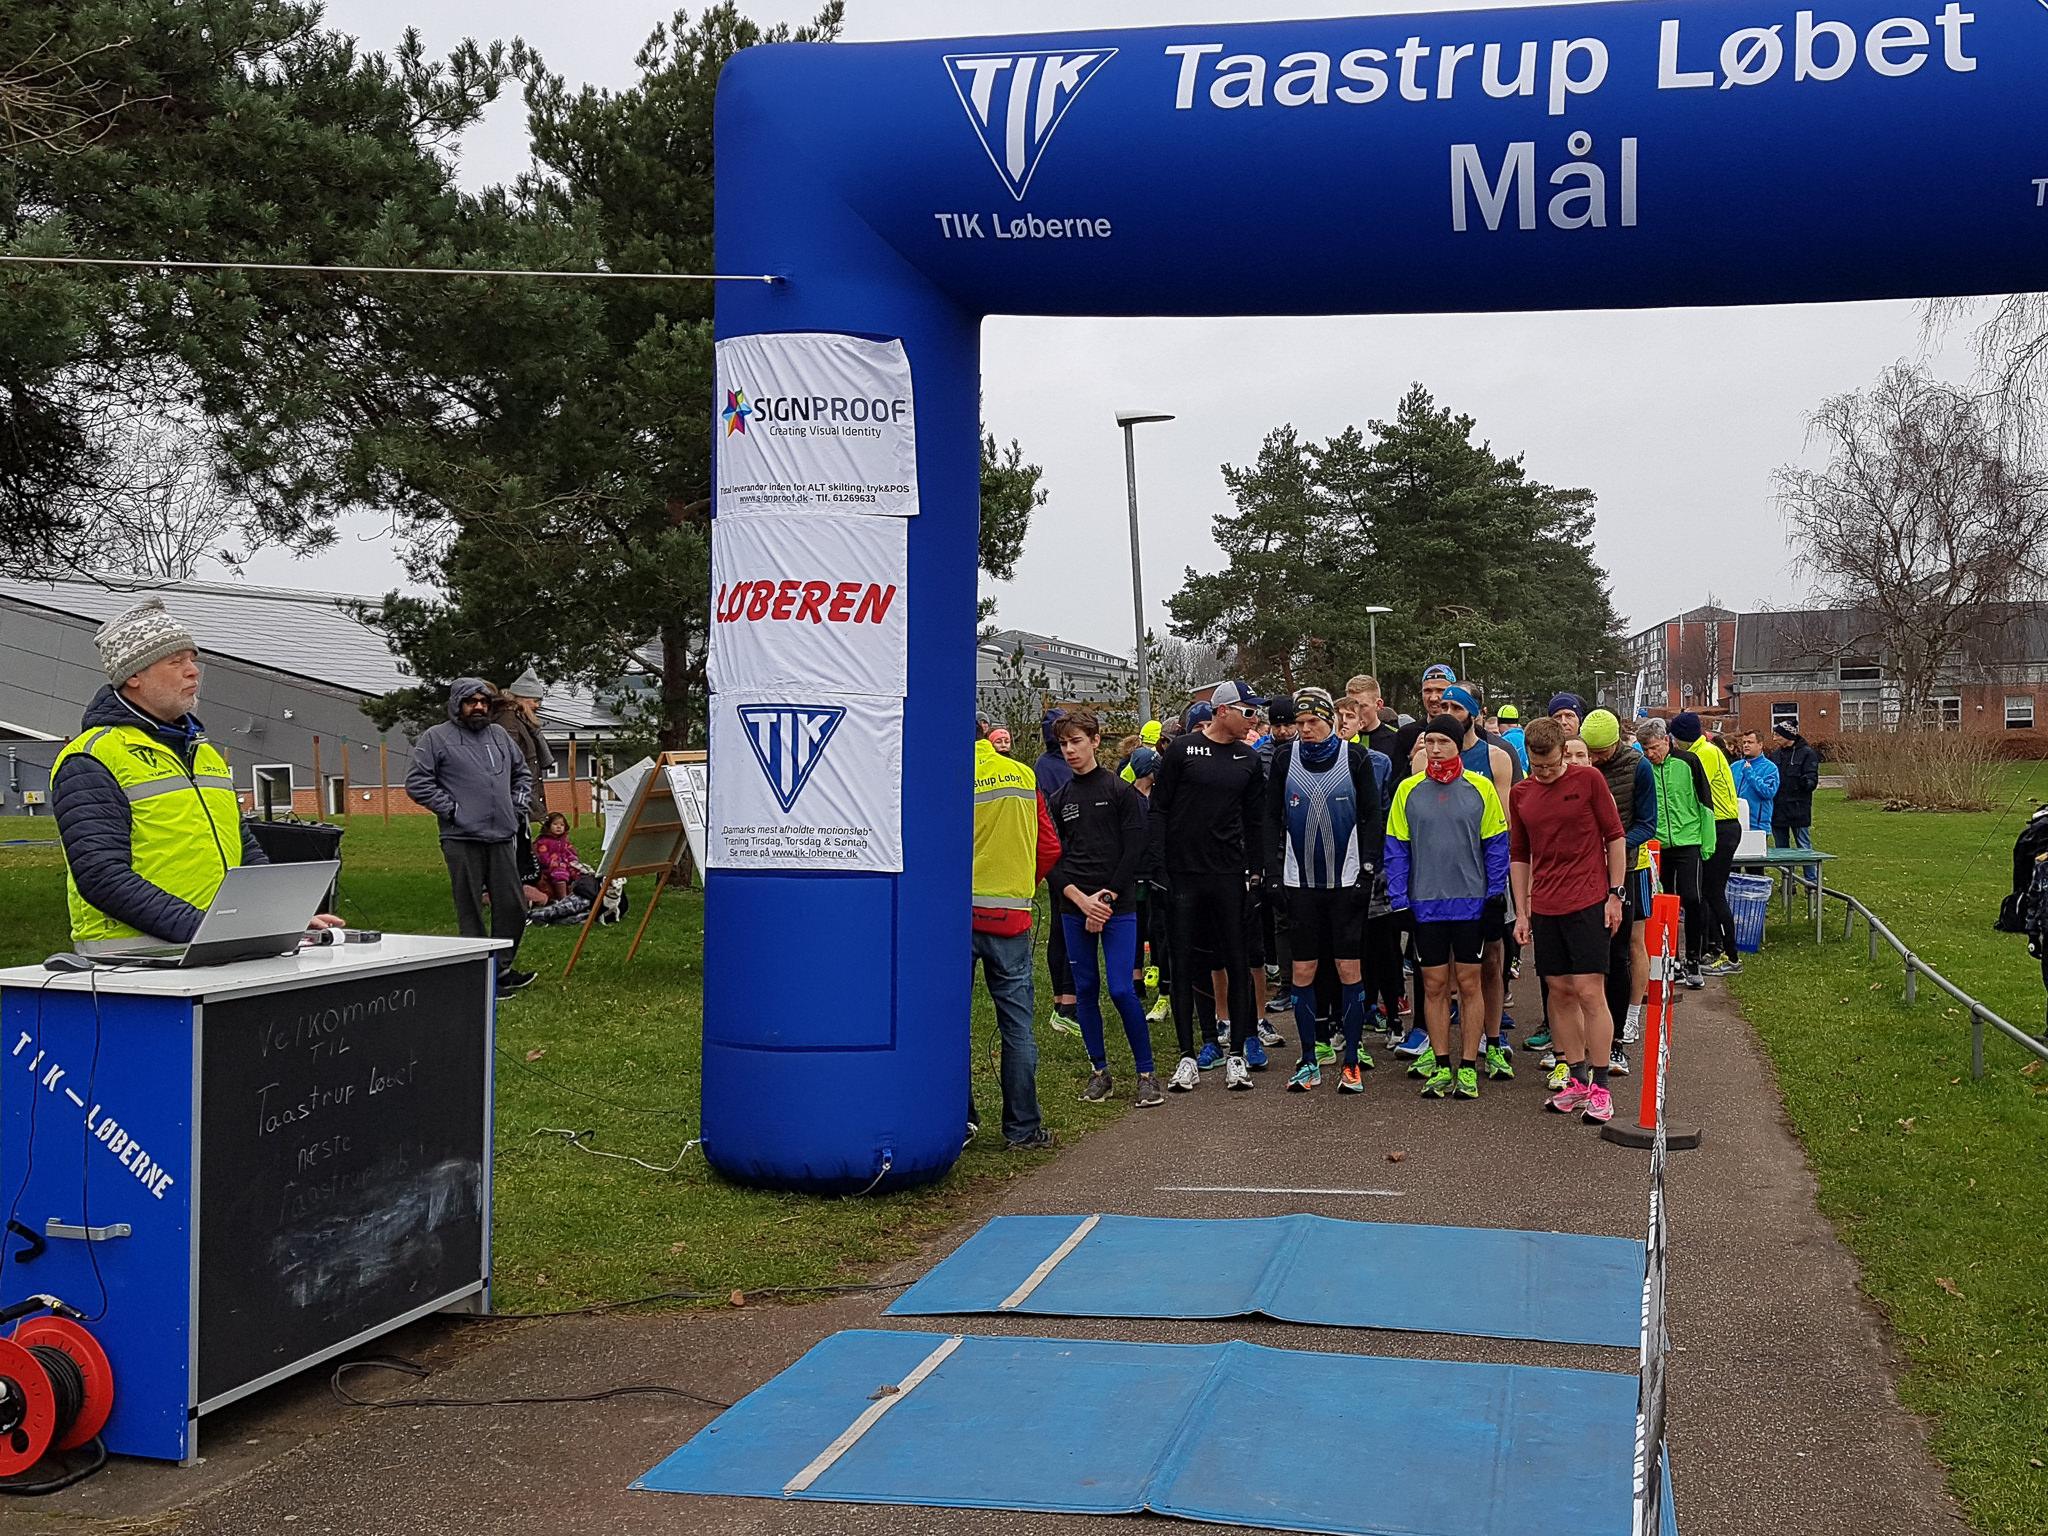 2020-02-09-070-Taastrup-Løbet-2020-02